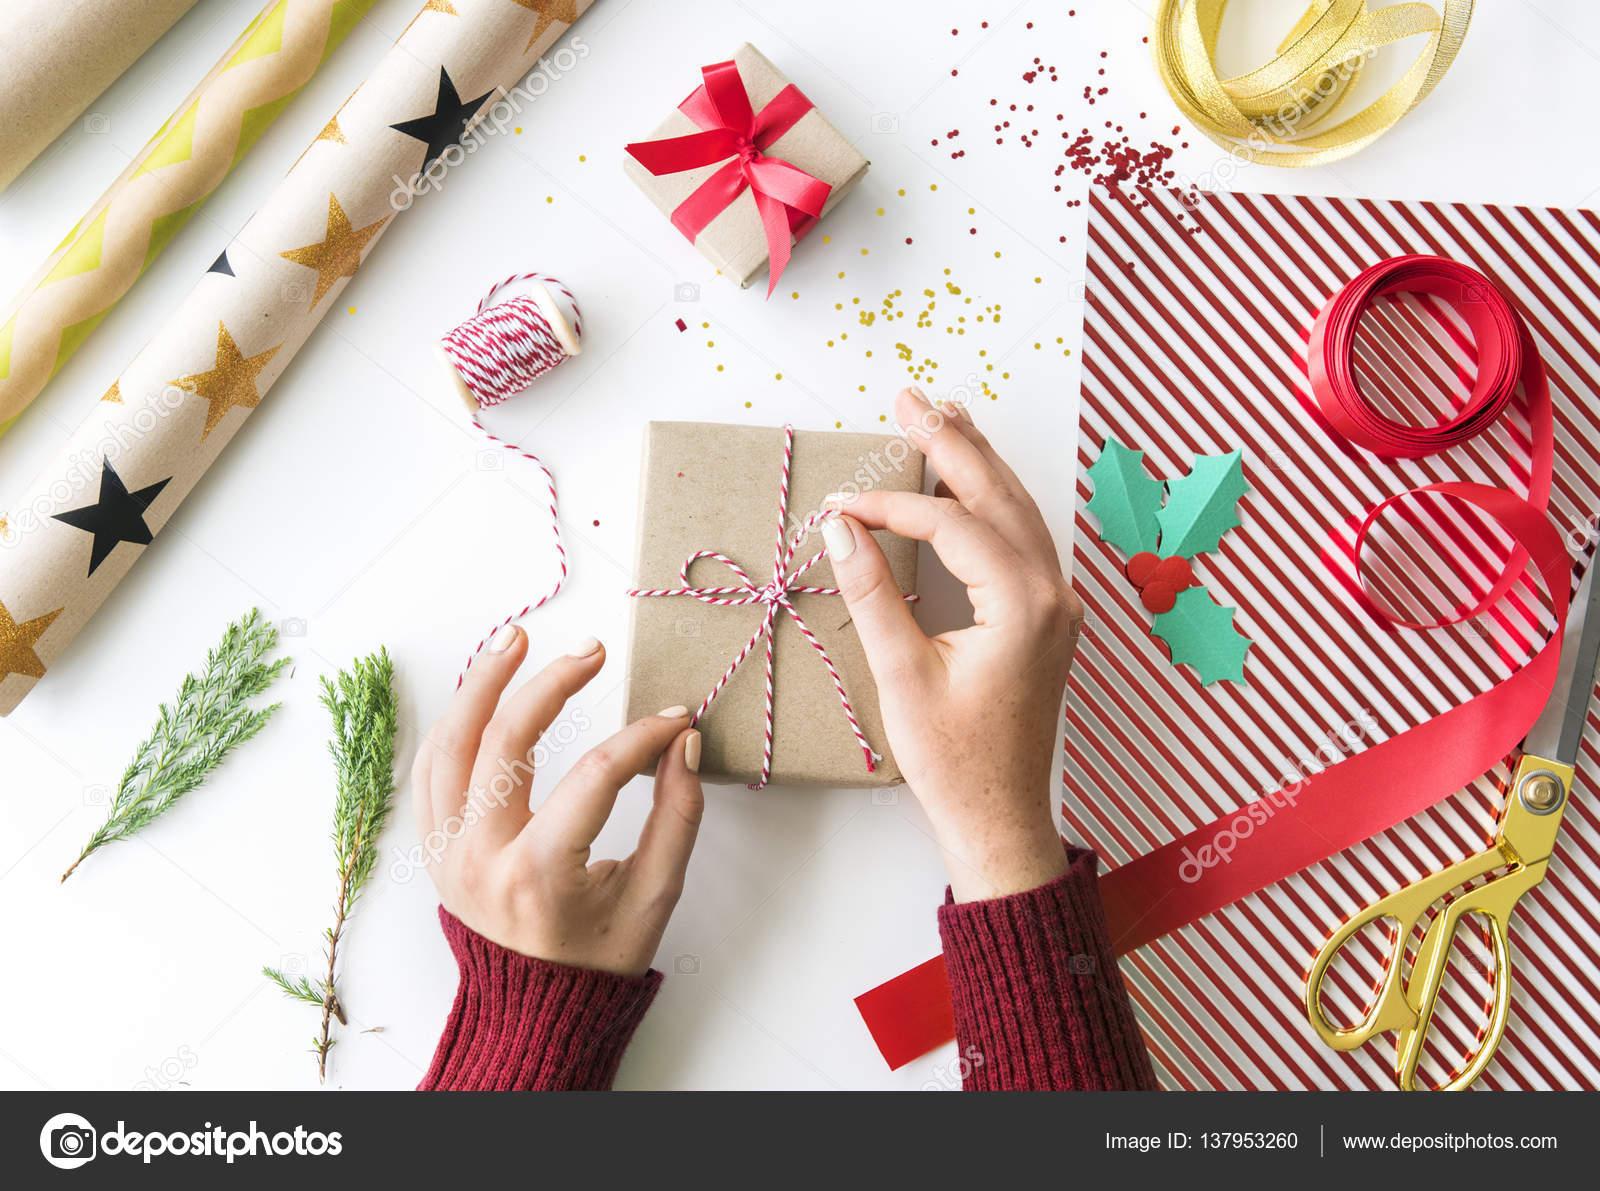 Frau Dekoration Weihnachtsgeschenk — Stockfoto © Rawpixel #137953260